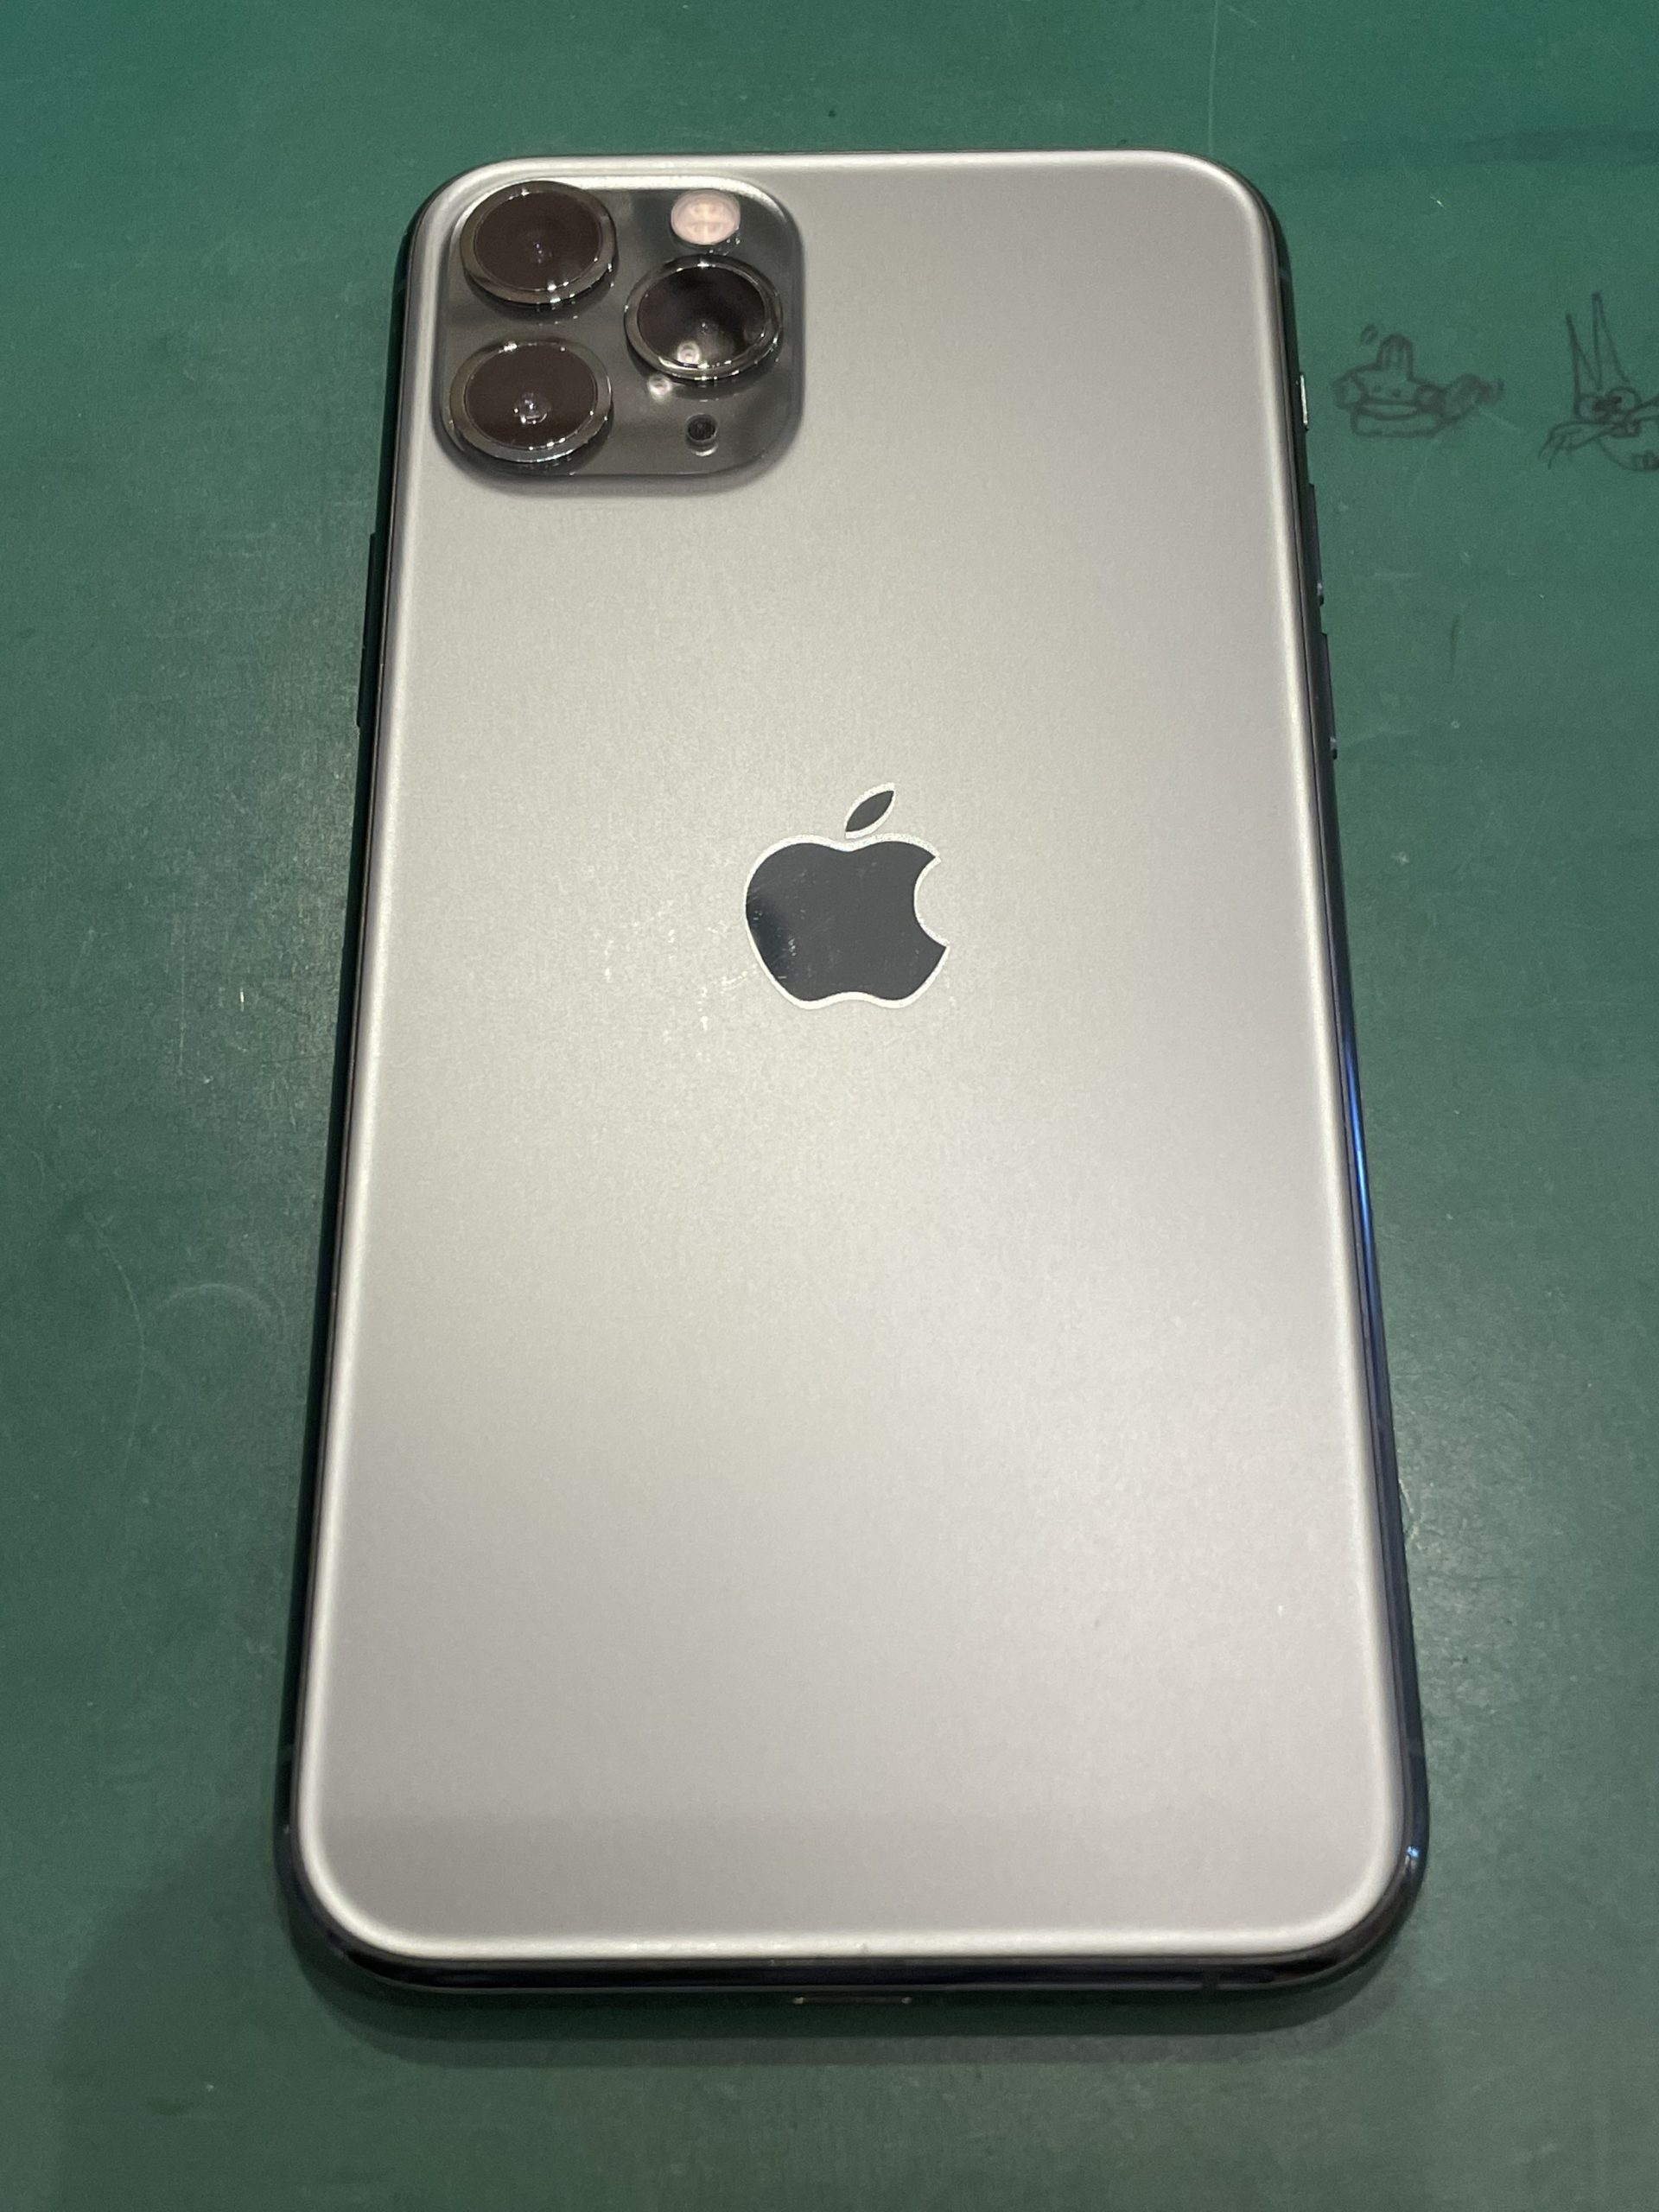 iPhone11Pro 256GB スペースグレイ docomo〇判定 中古 本体のみ